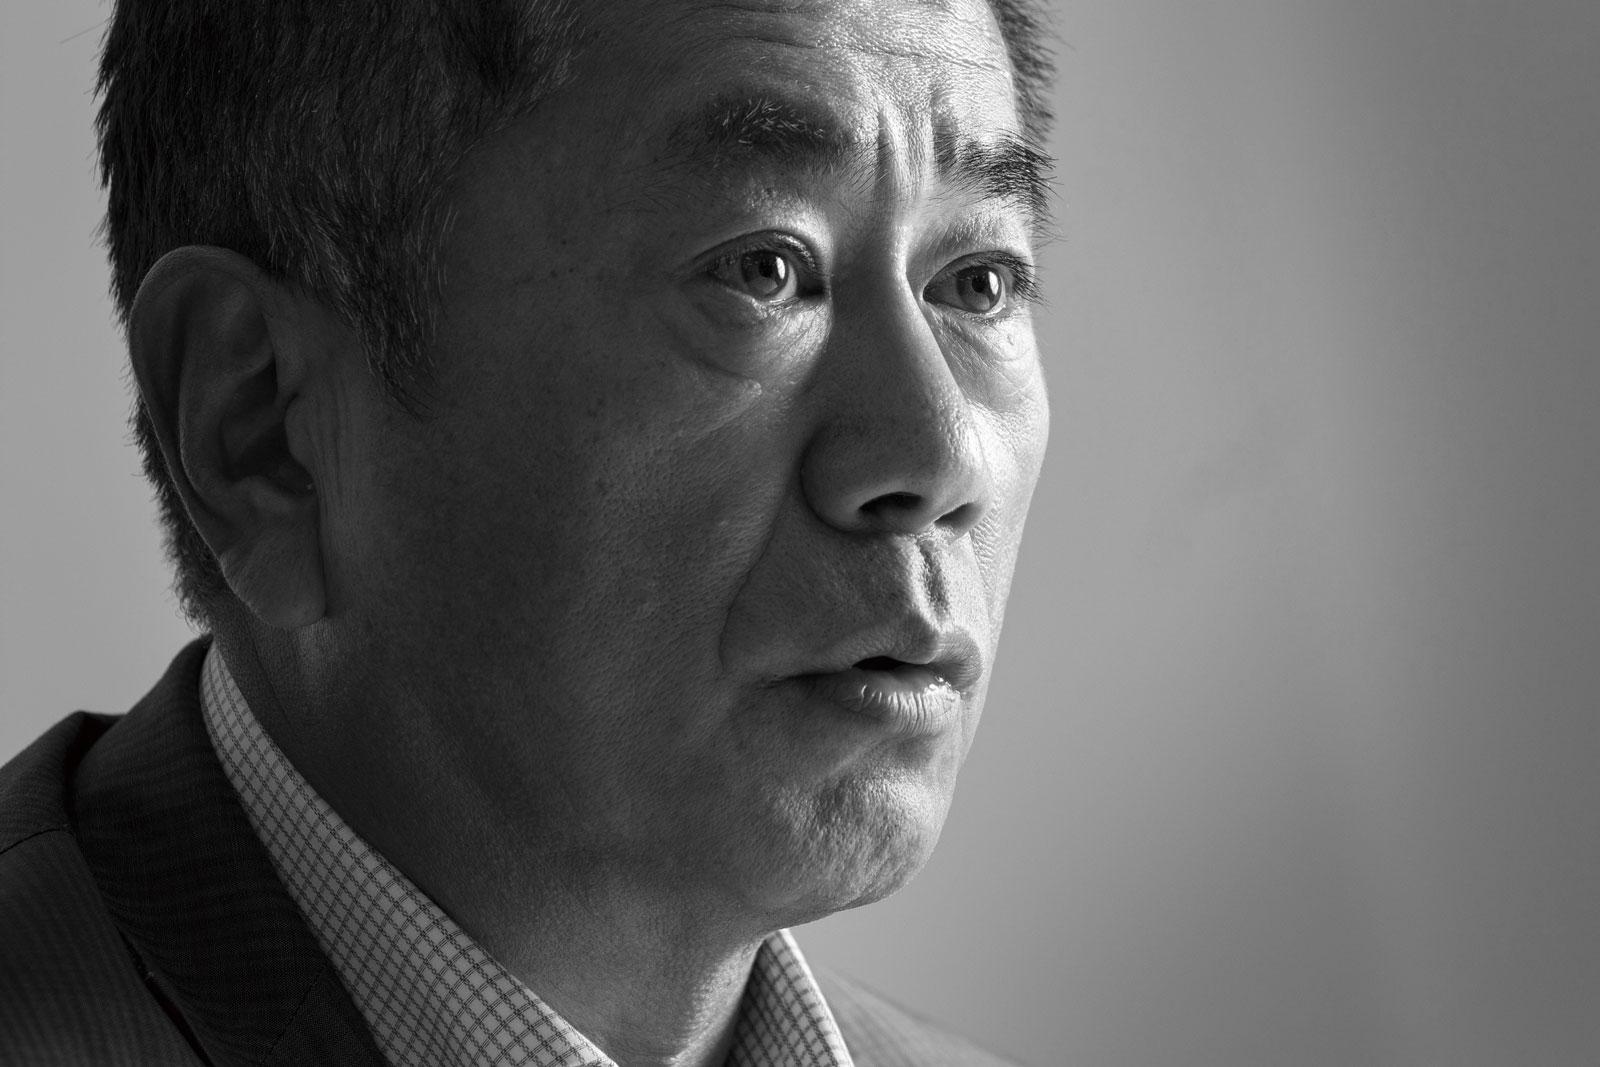 ピーアークホールディングス株式会社 庄司考輝会長 記事サムネイル画像